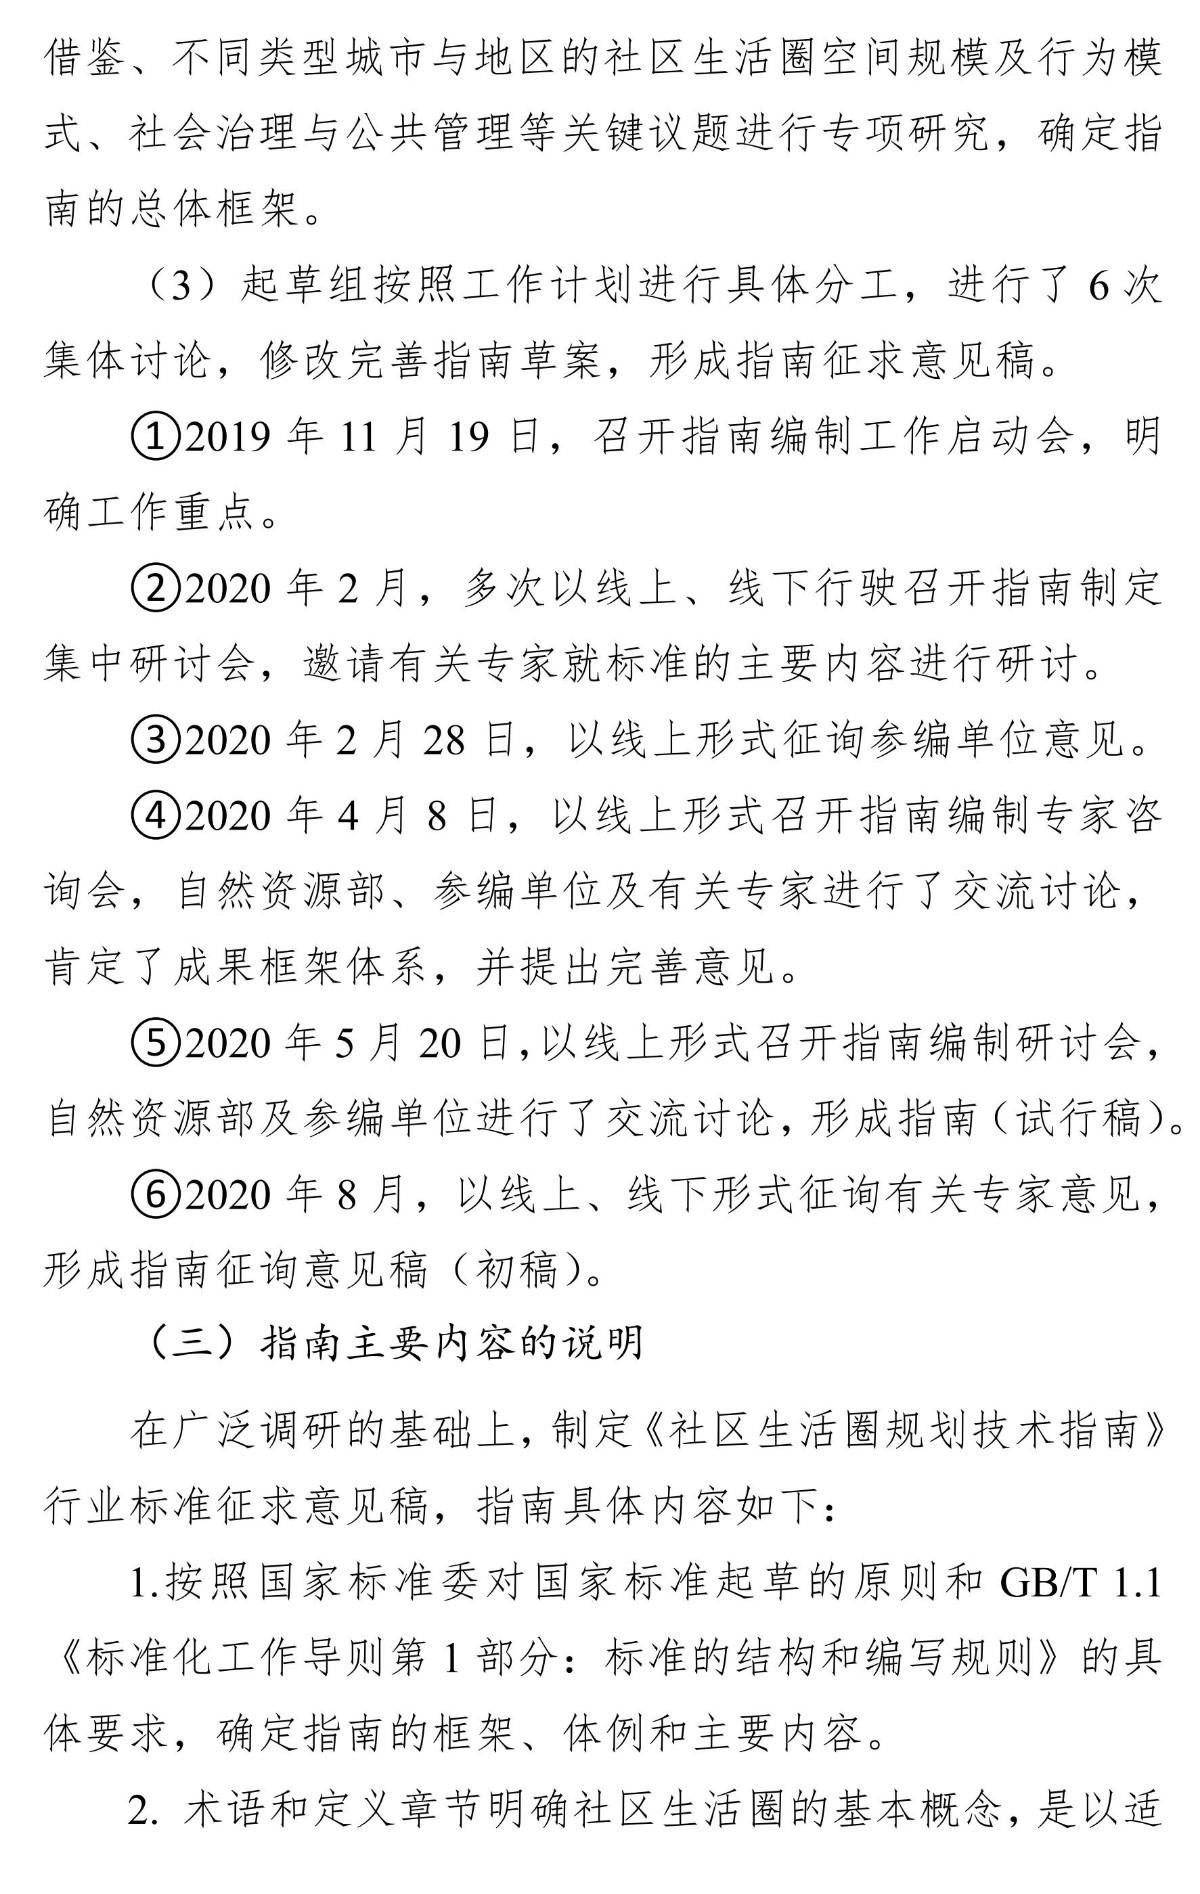 20_DI_240432_社区生活圈规划技术指南_03.jpg